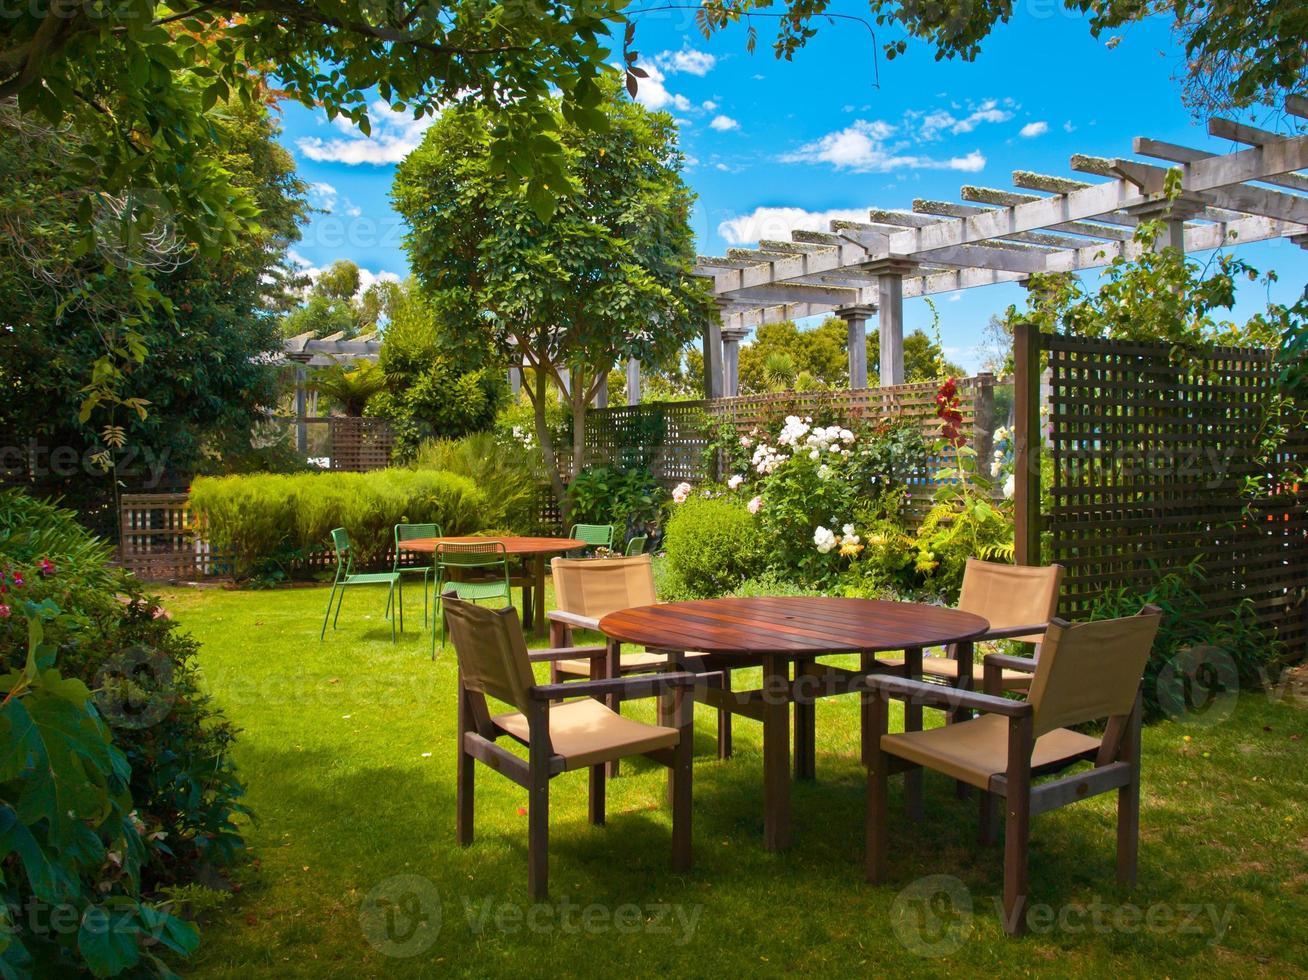 mesa de jantar posta em jardim exuberante foto